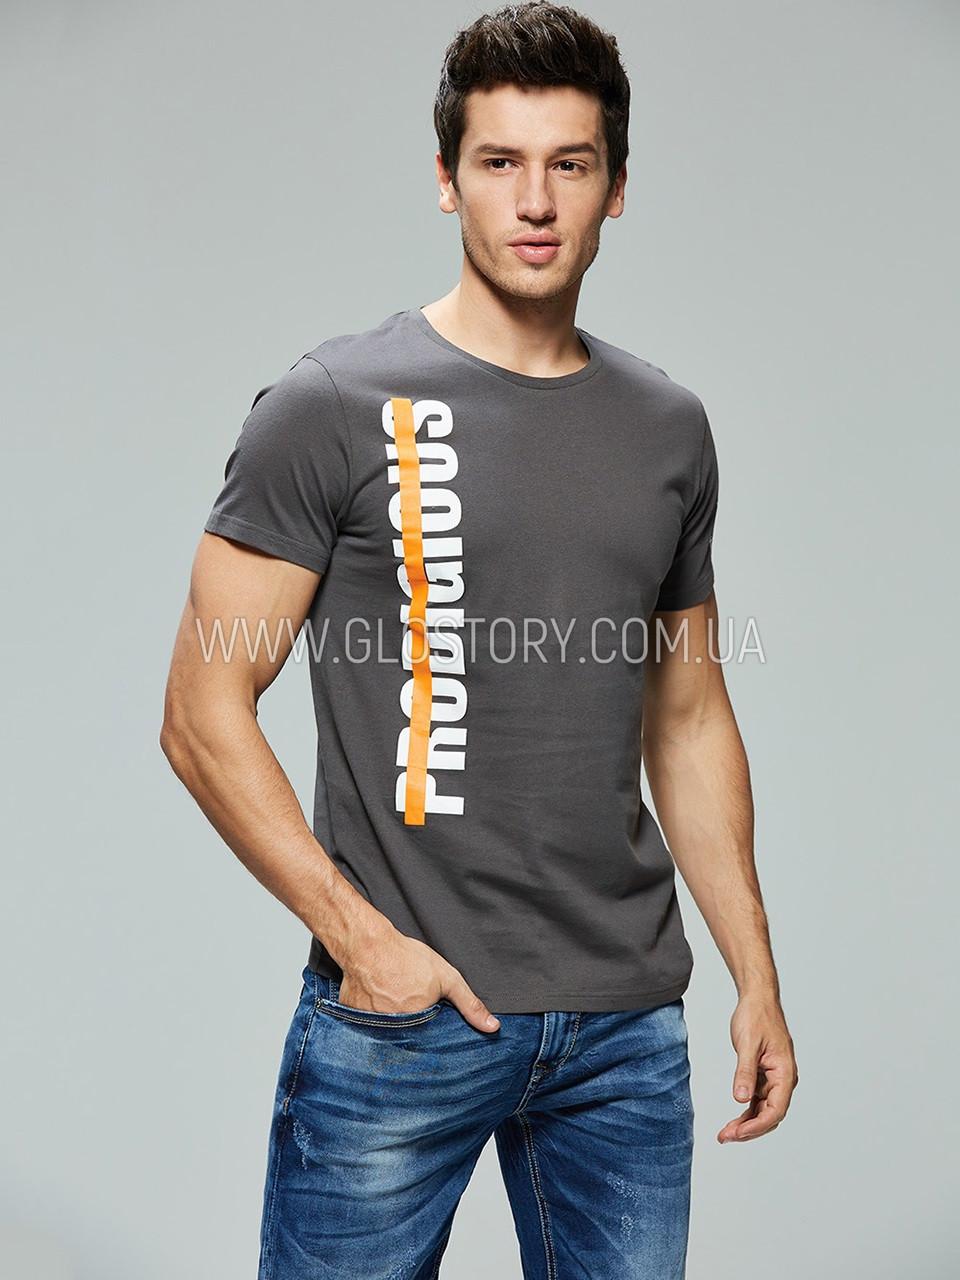 Мужская футболка GLO-Story,Венгрия